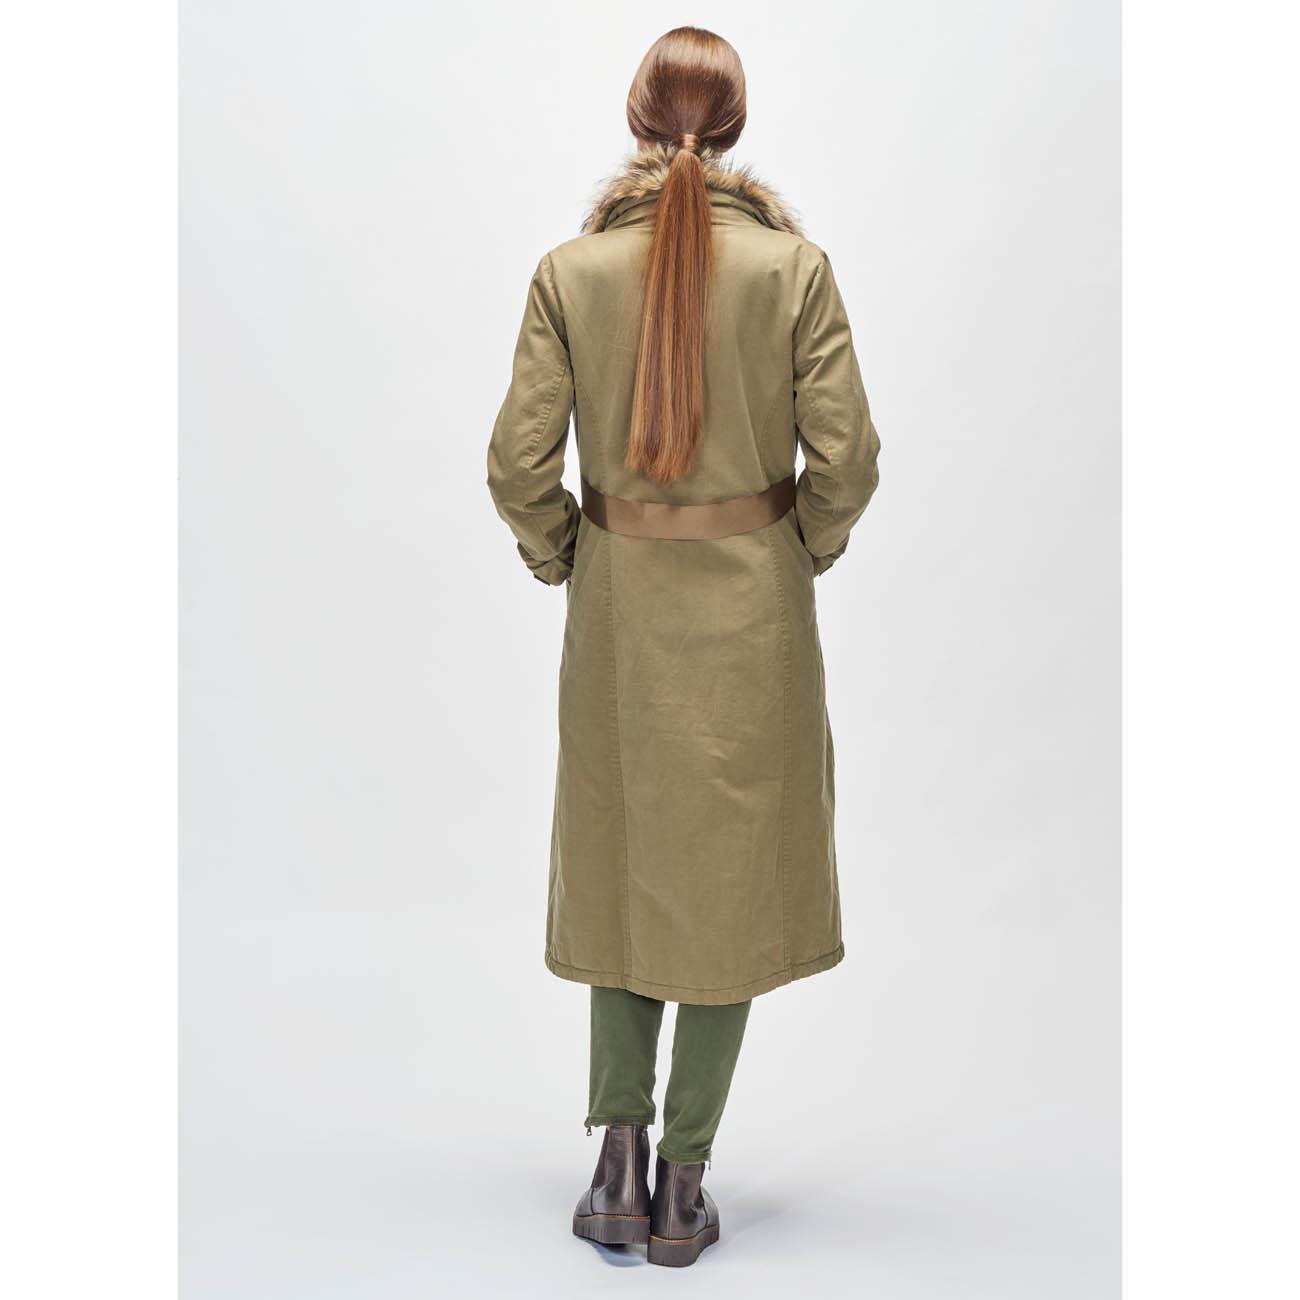 f8d4468a66ba Pinko Parka-Mantel - Neue Länge, noch mehr Styles  Der luxuriöse Parka- Mantel von Pinko.